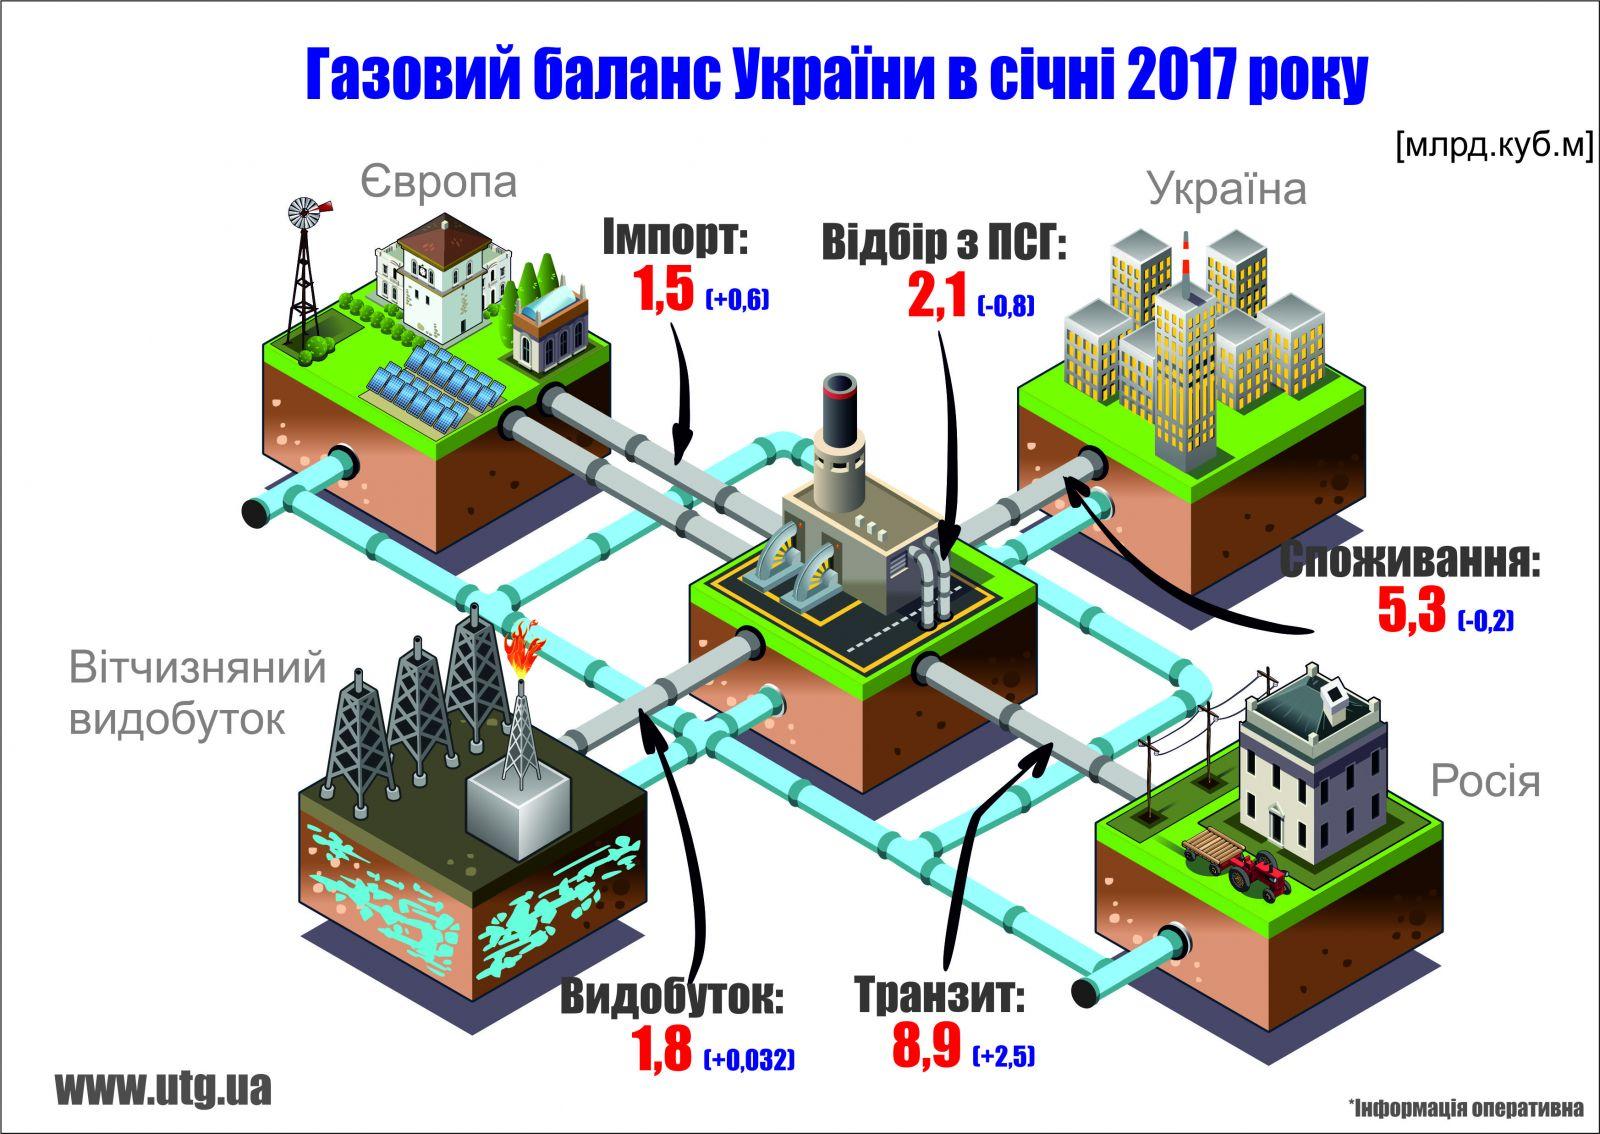 http://www.unn.com.ua/uploads/assets/images/020220170925.jpg